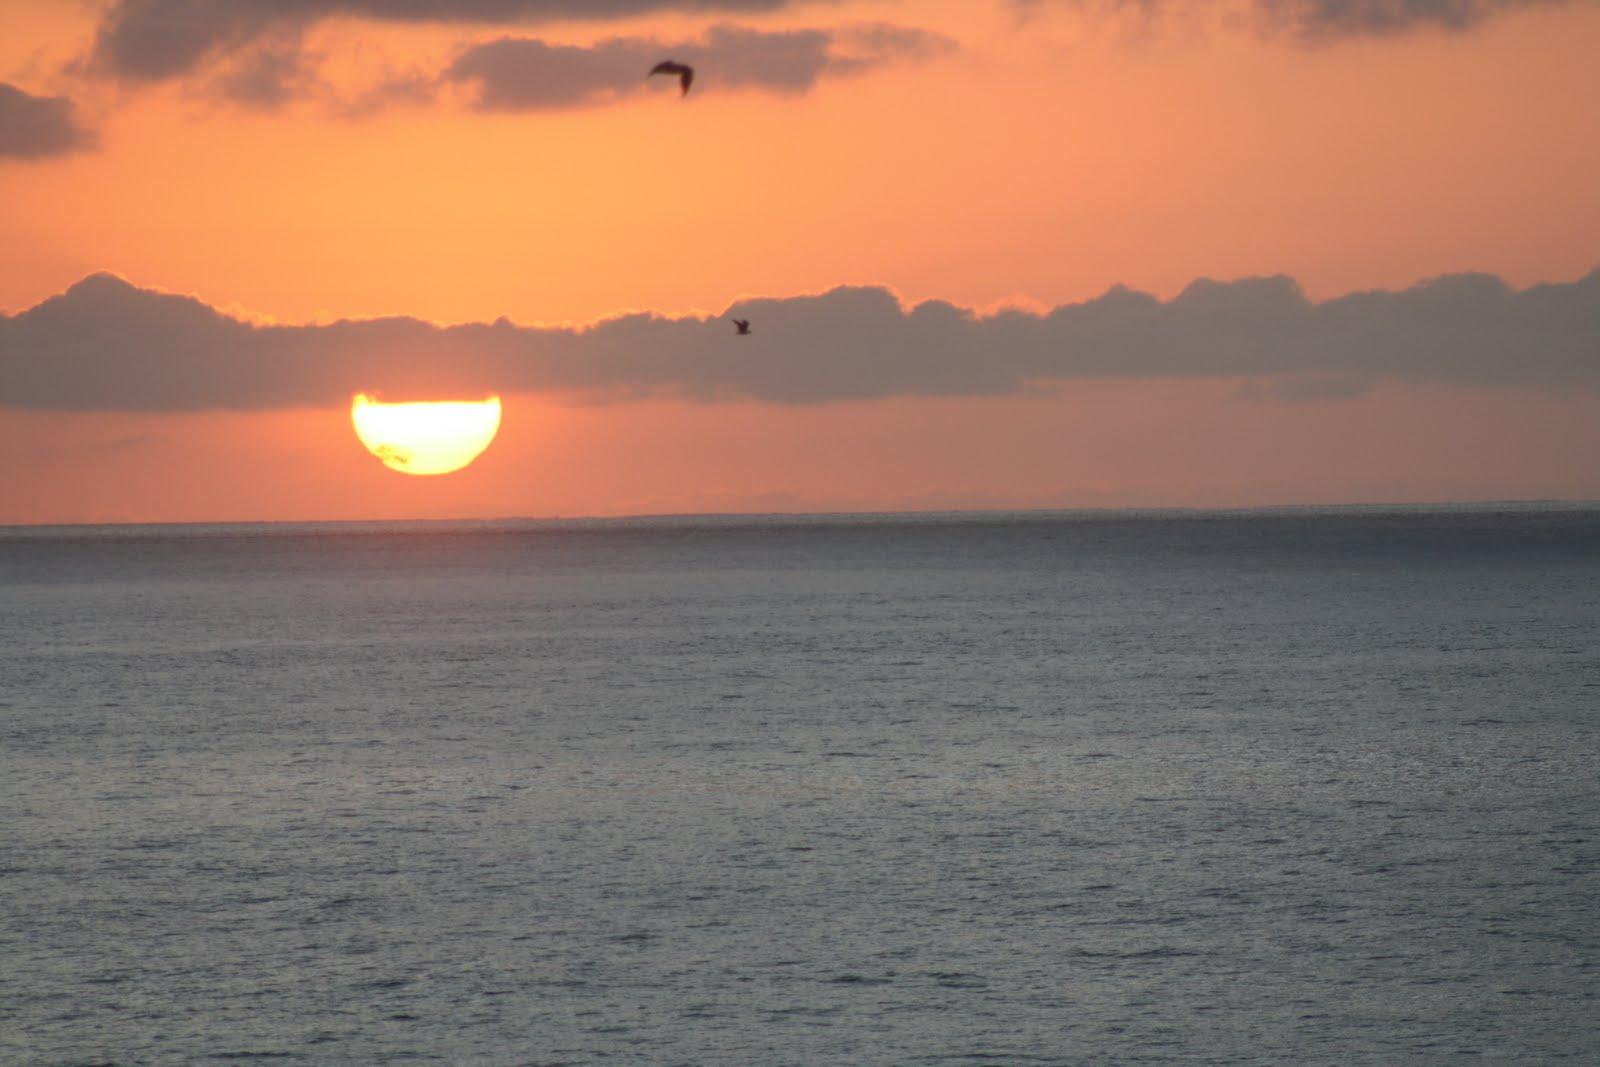 Calm Sunset Beach Photo Wallpaper | Beach Wallpaper ...